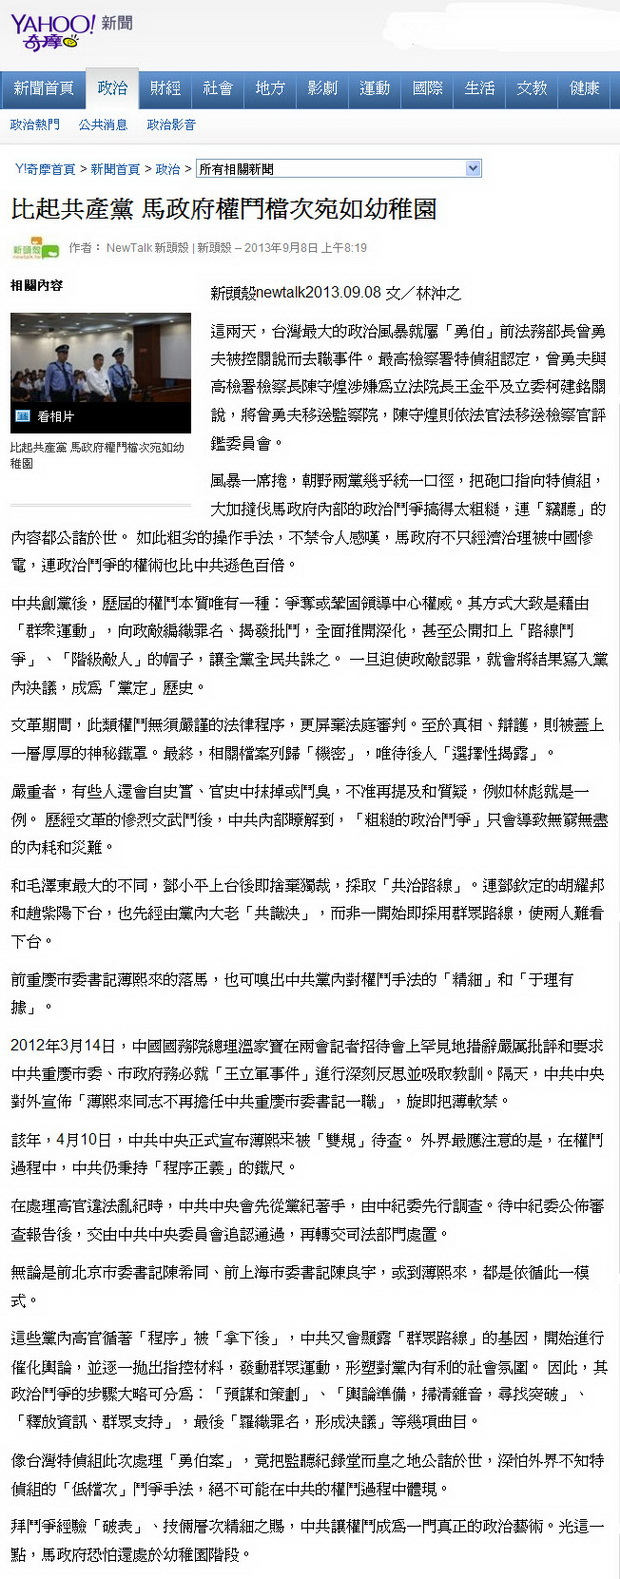 比起共產黨 馬政府權鬥檔次宛如幼稚園-2013.09.08.jpg